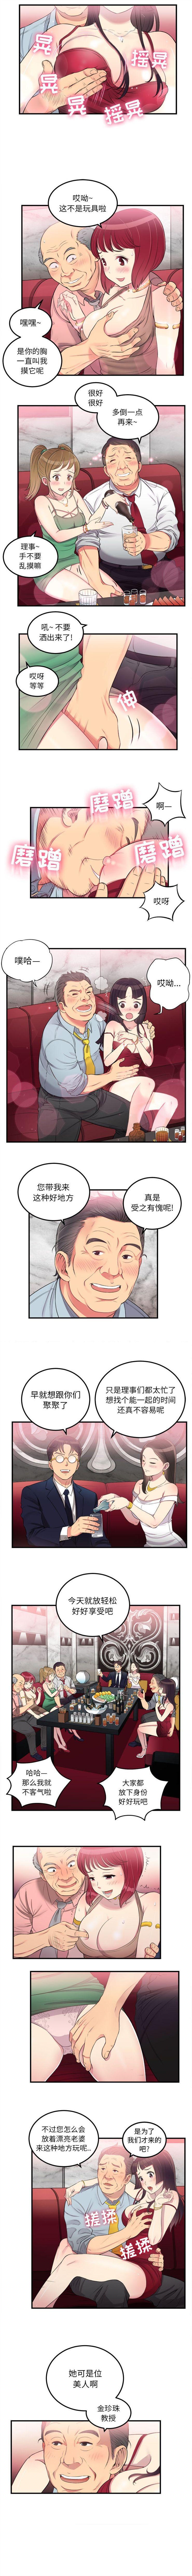 由莉的秘密1-60 中文翻译 (更新中) 42